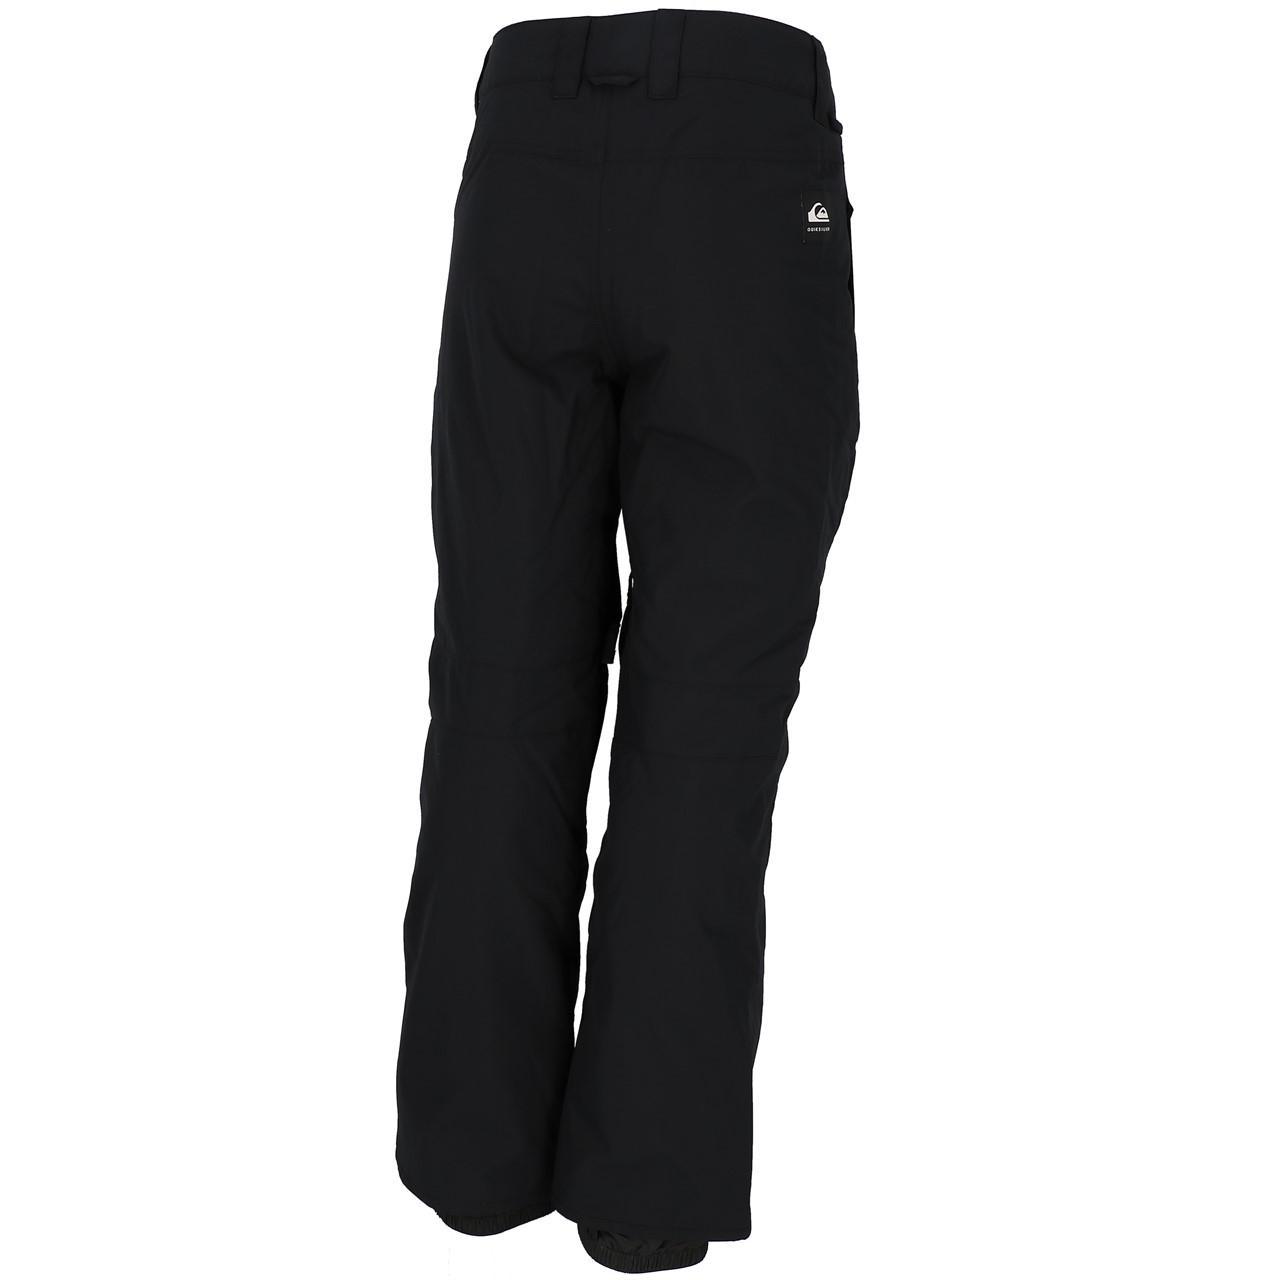 Ski-Pants-Surf-Quiksilver-Estate-Black-Pant-Ski-Jr-Black-27846-New thumbnail 4